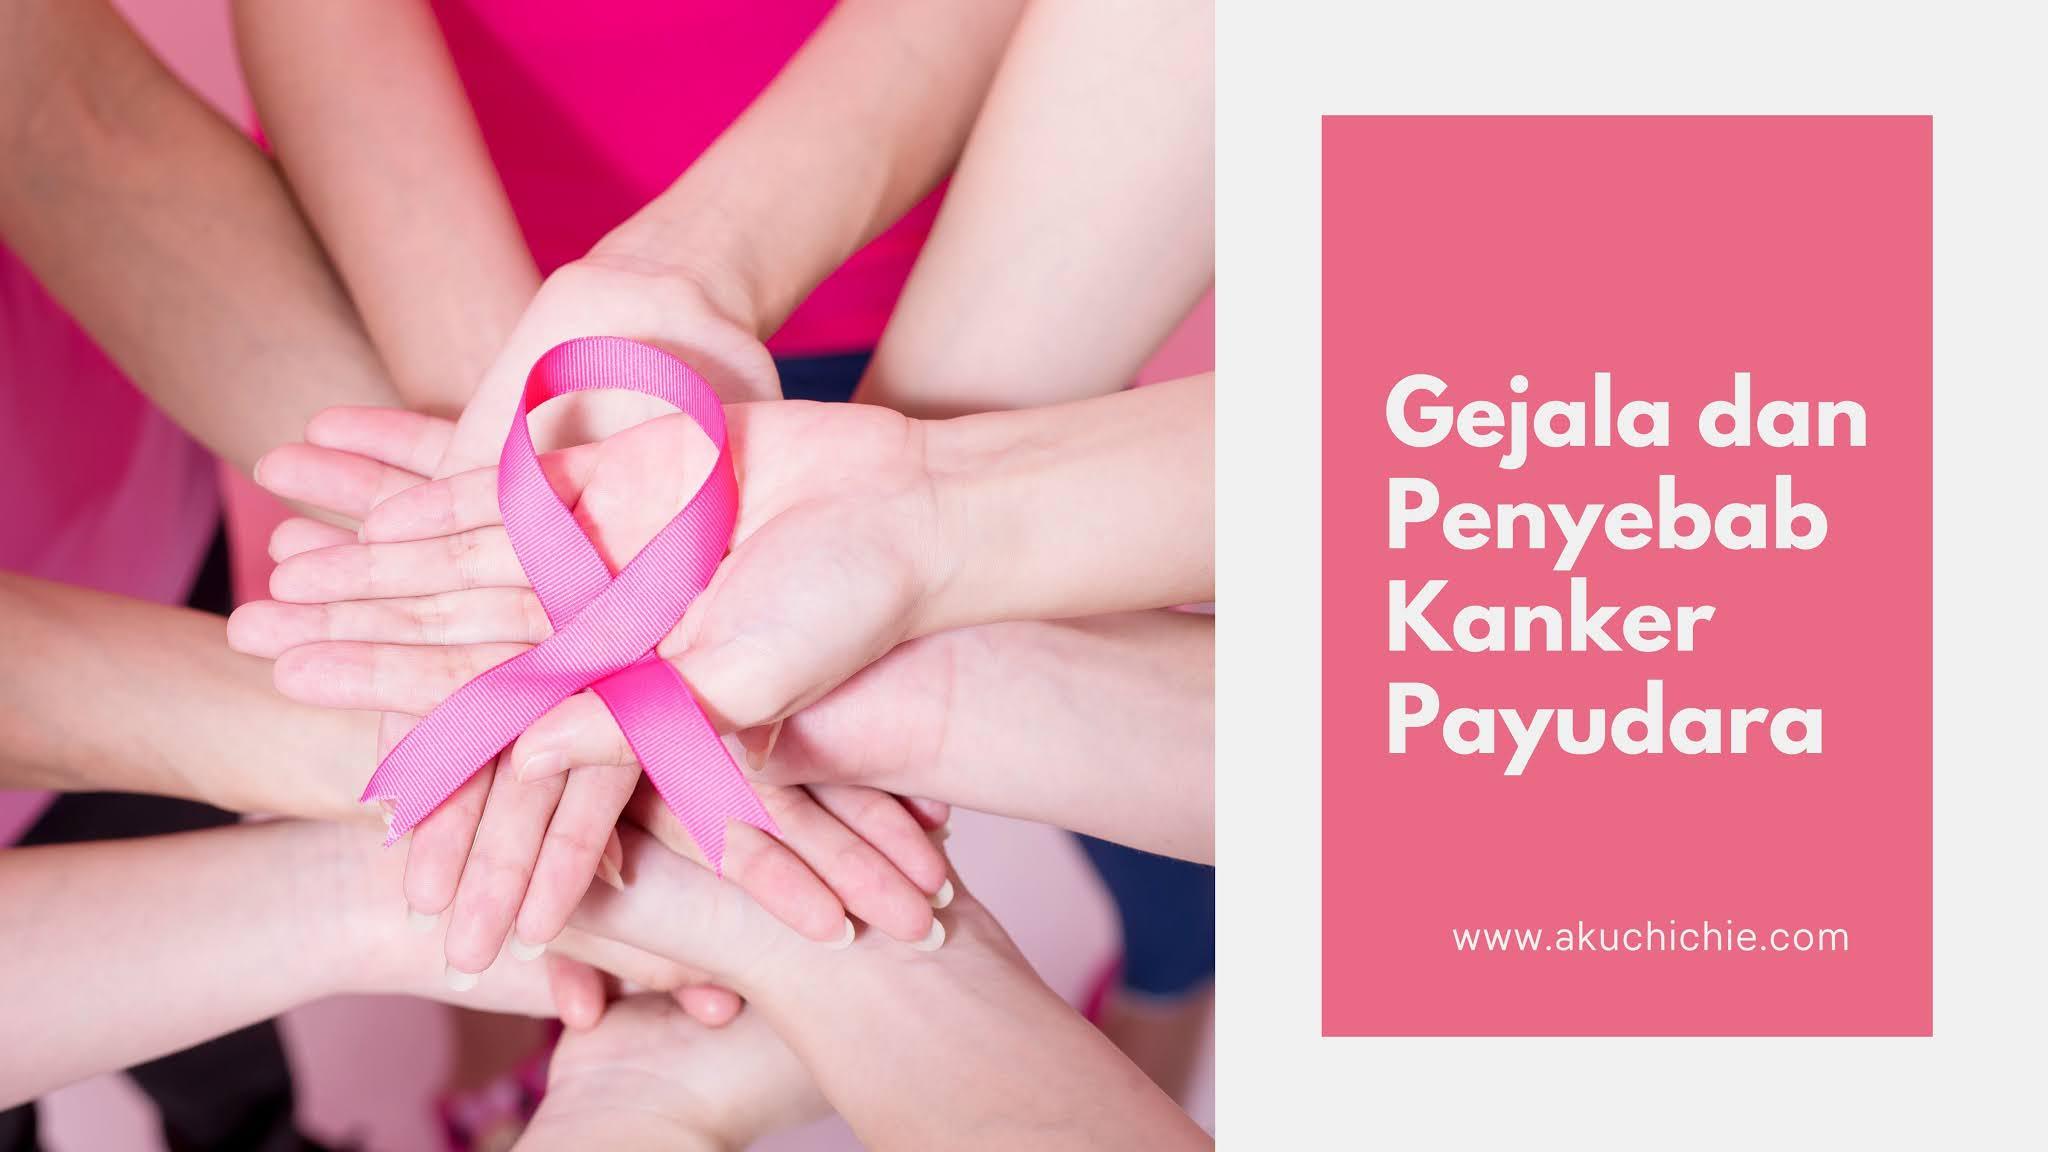 deteksi dini kanker payudara